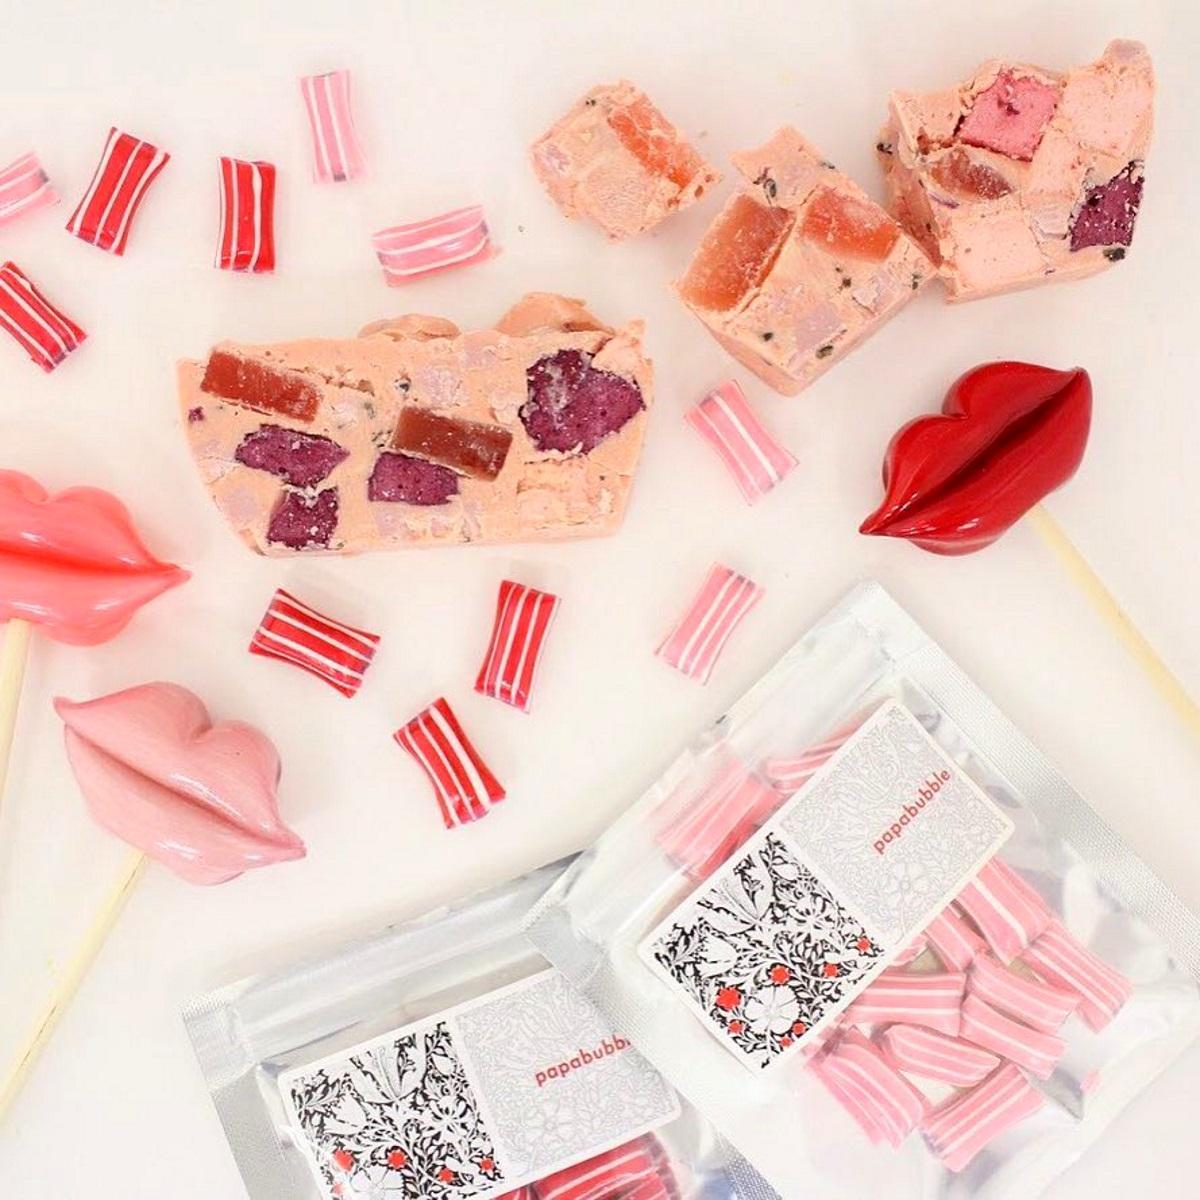 パパブブレのバレンタイン限定商品